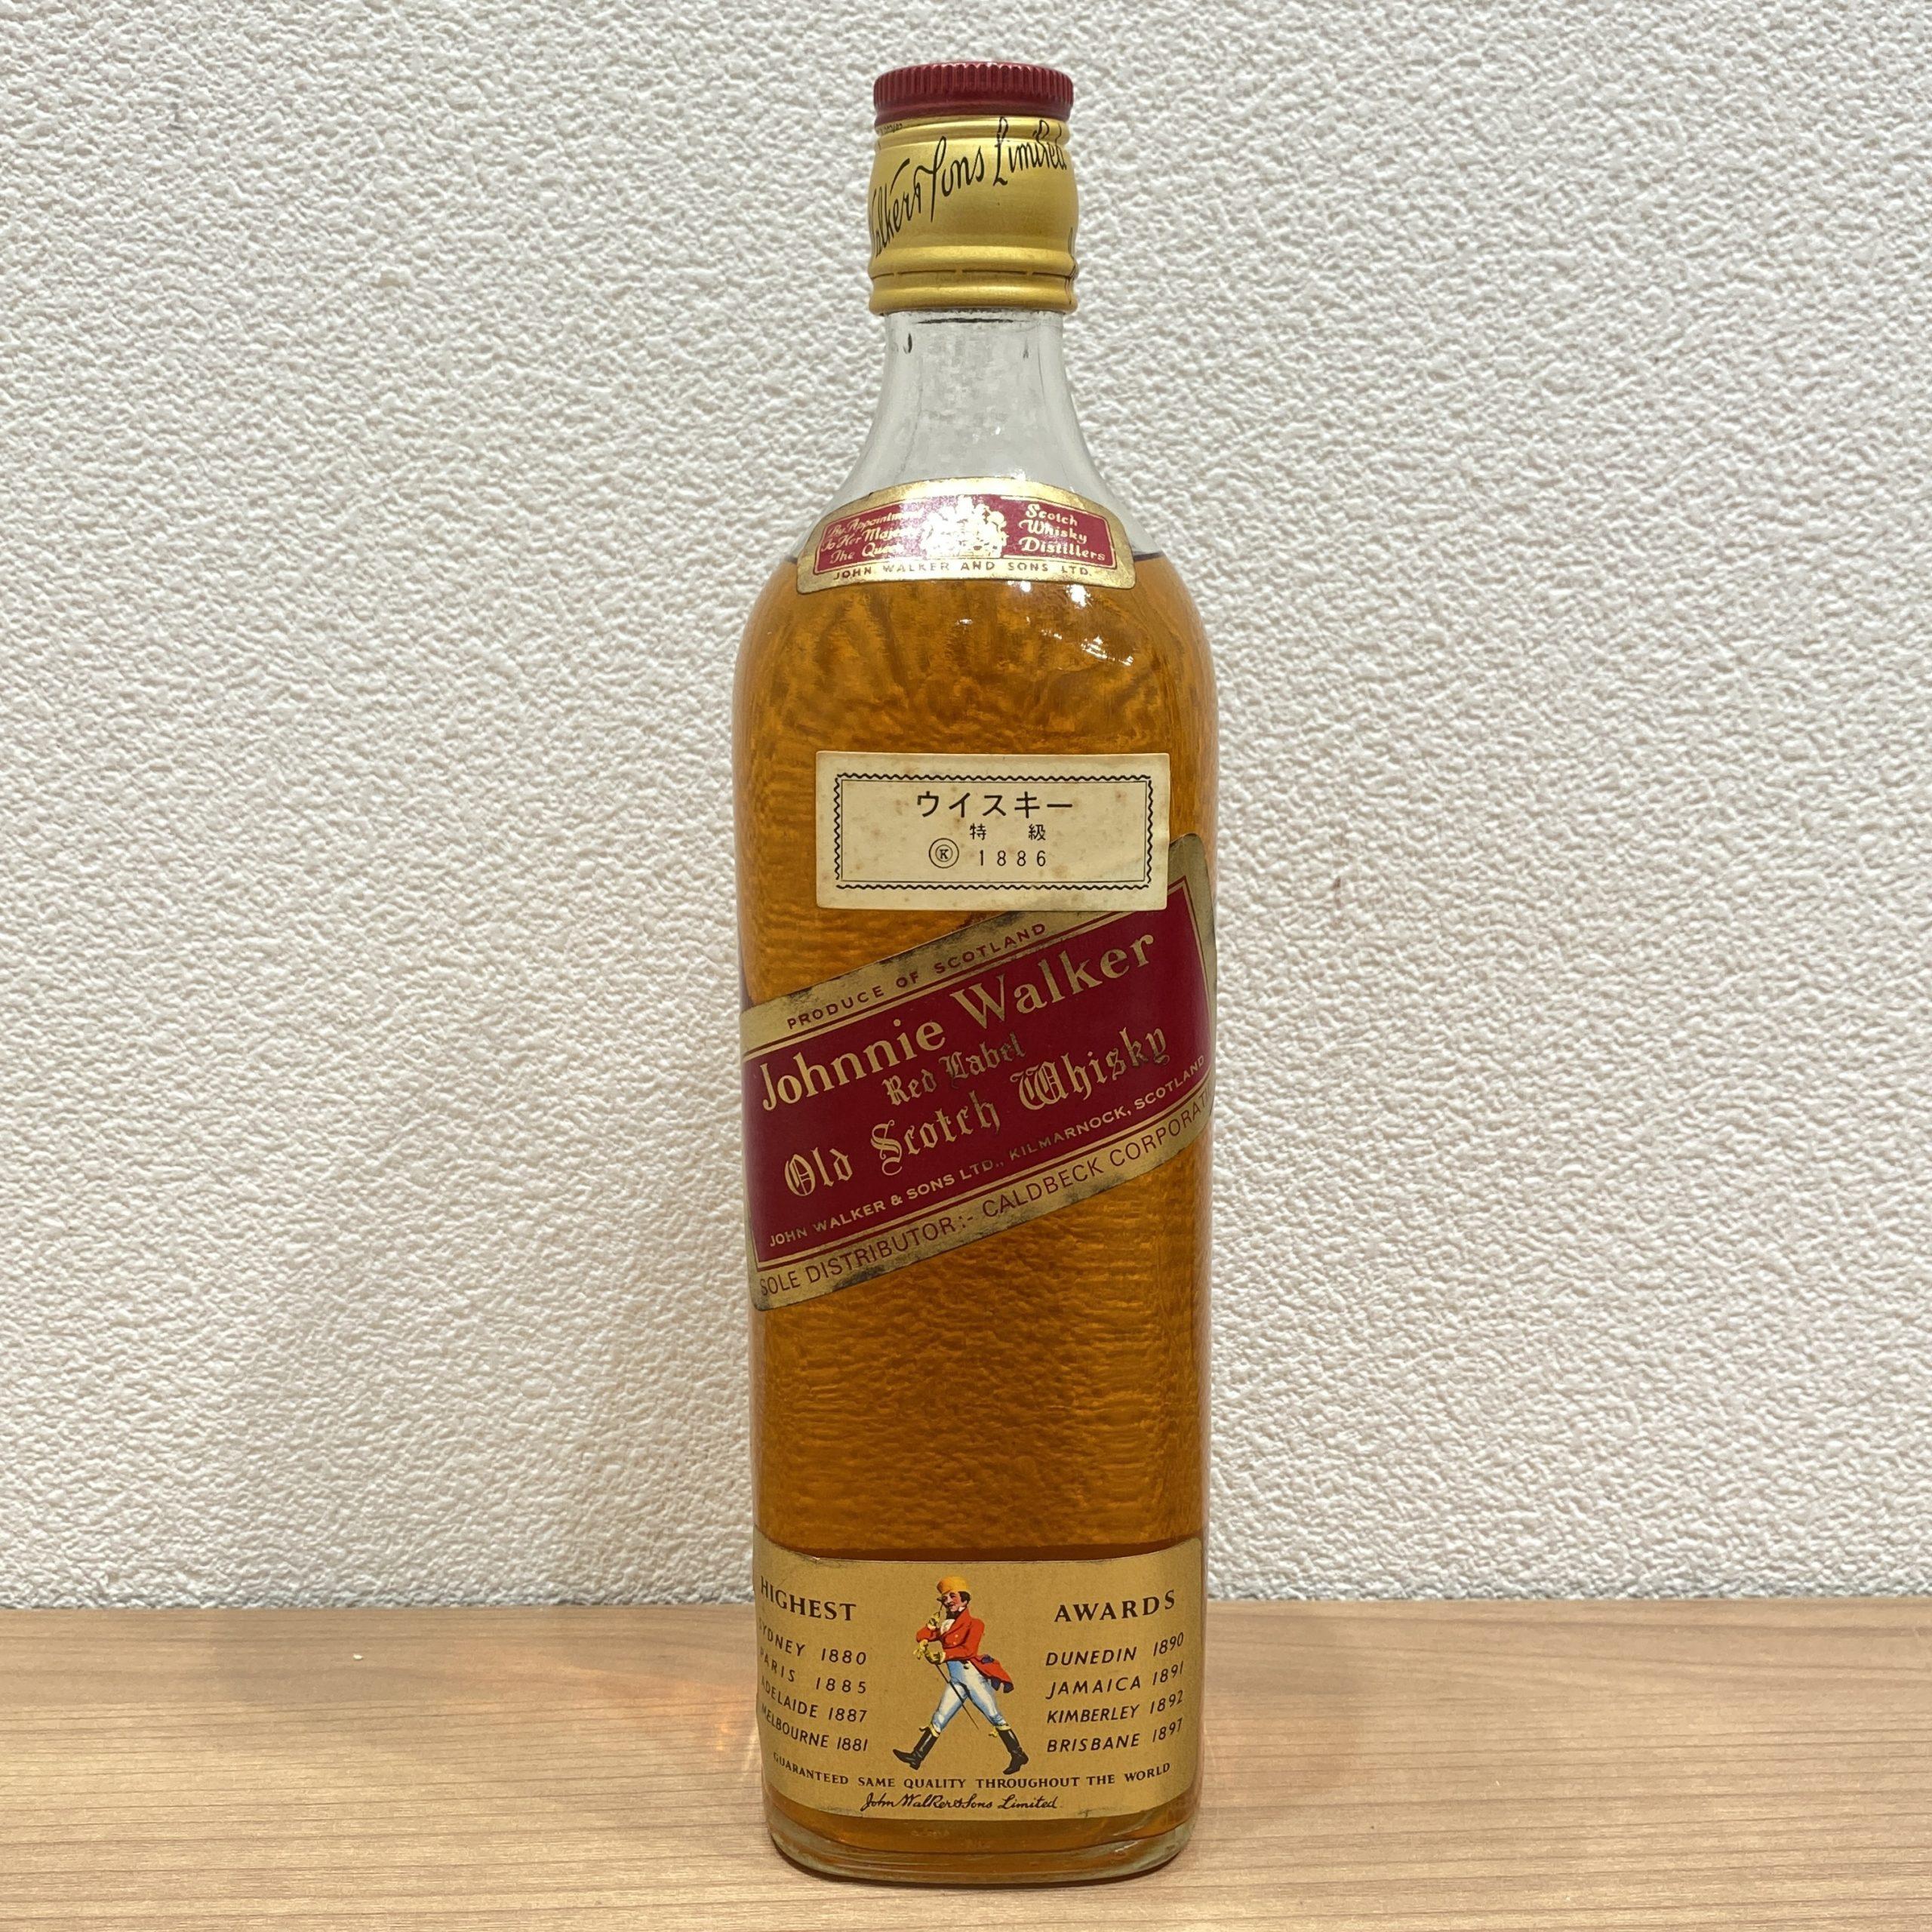 【Johnnie Walker/ジョニーウォーカー】RED LABEL/レッドラベル ウイスキー 750ml